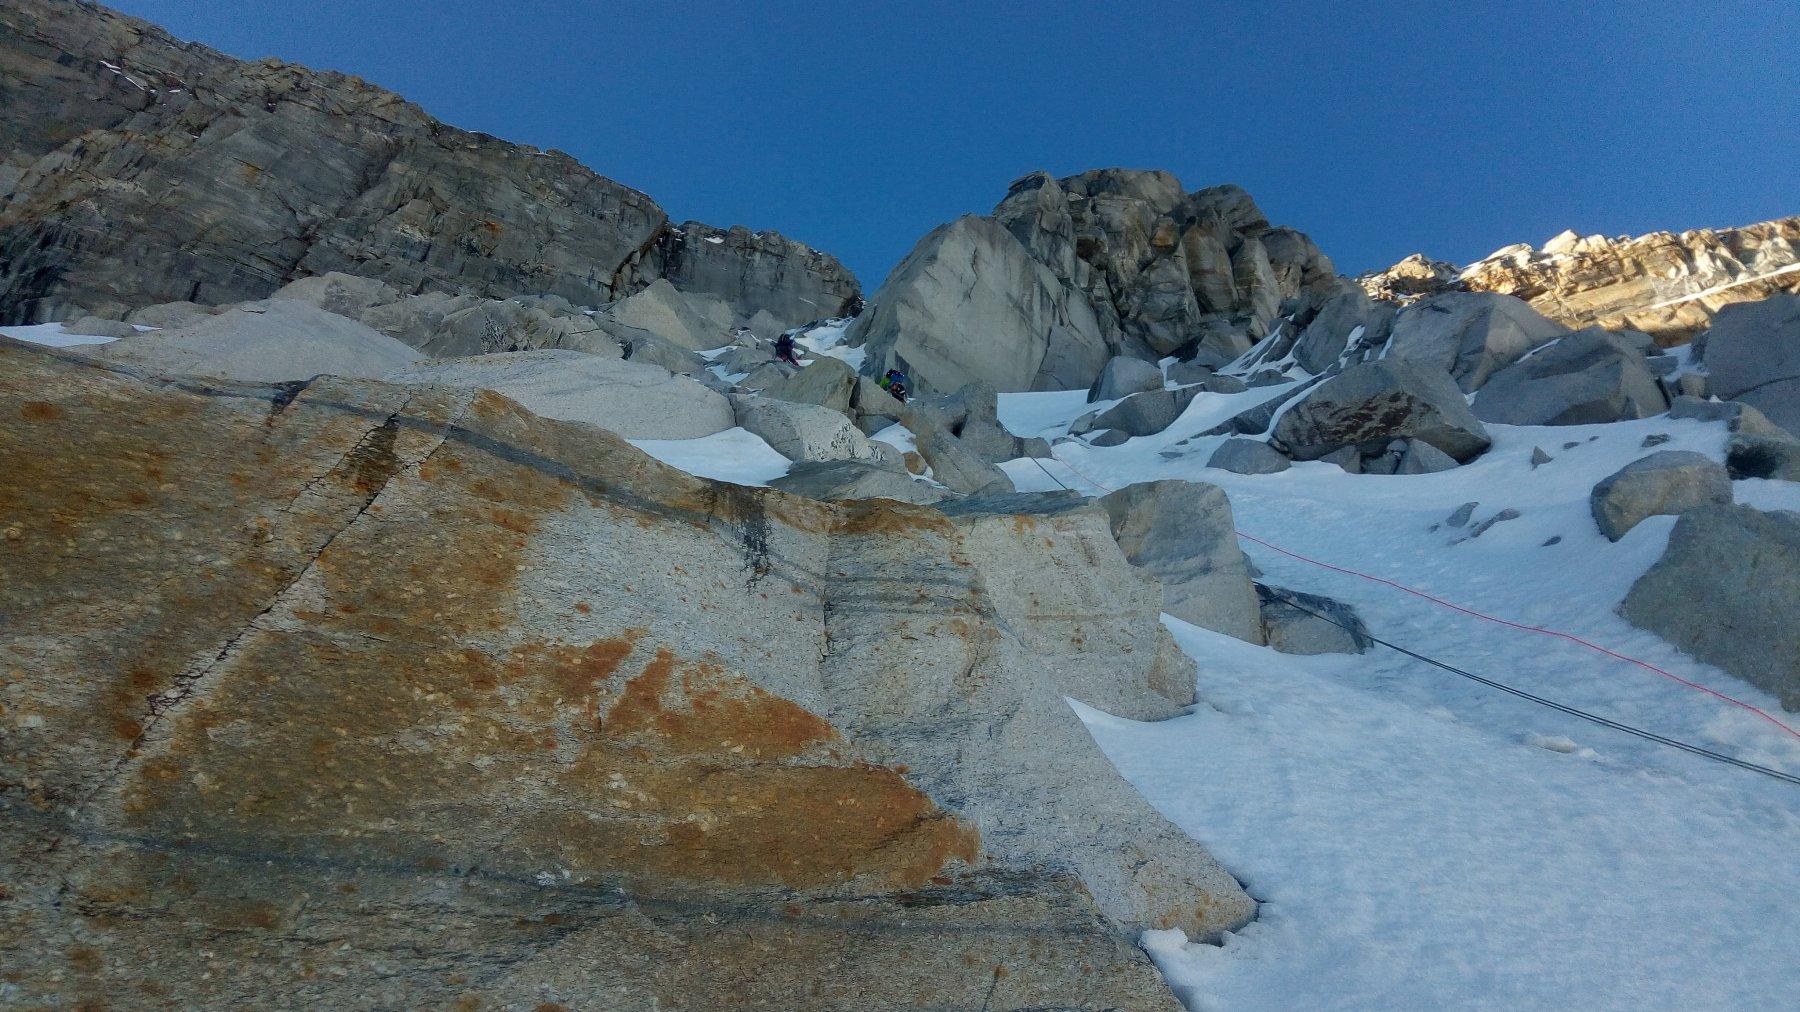 Passaggio fra le rocce a metà dello scivolo iniziale